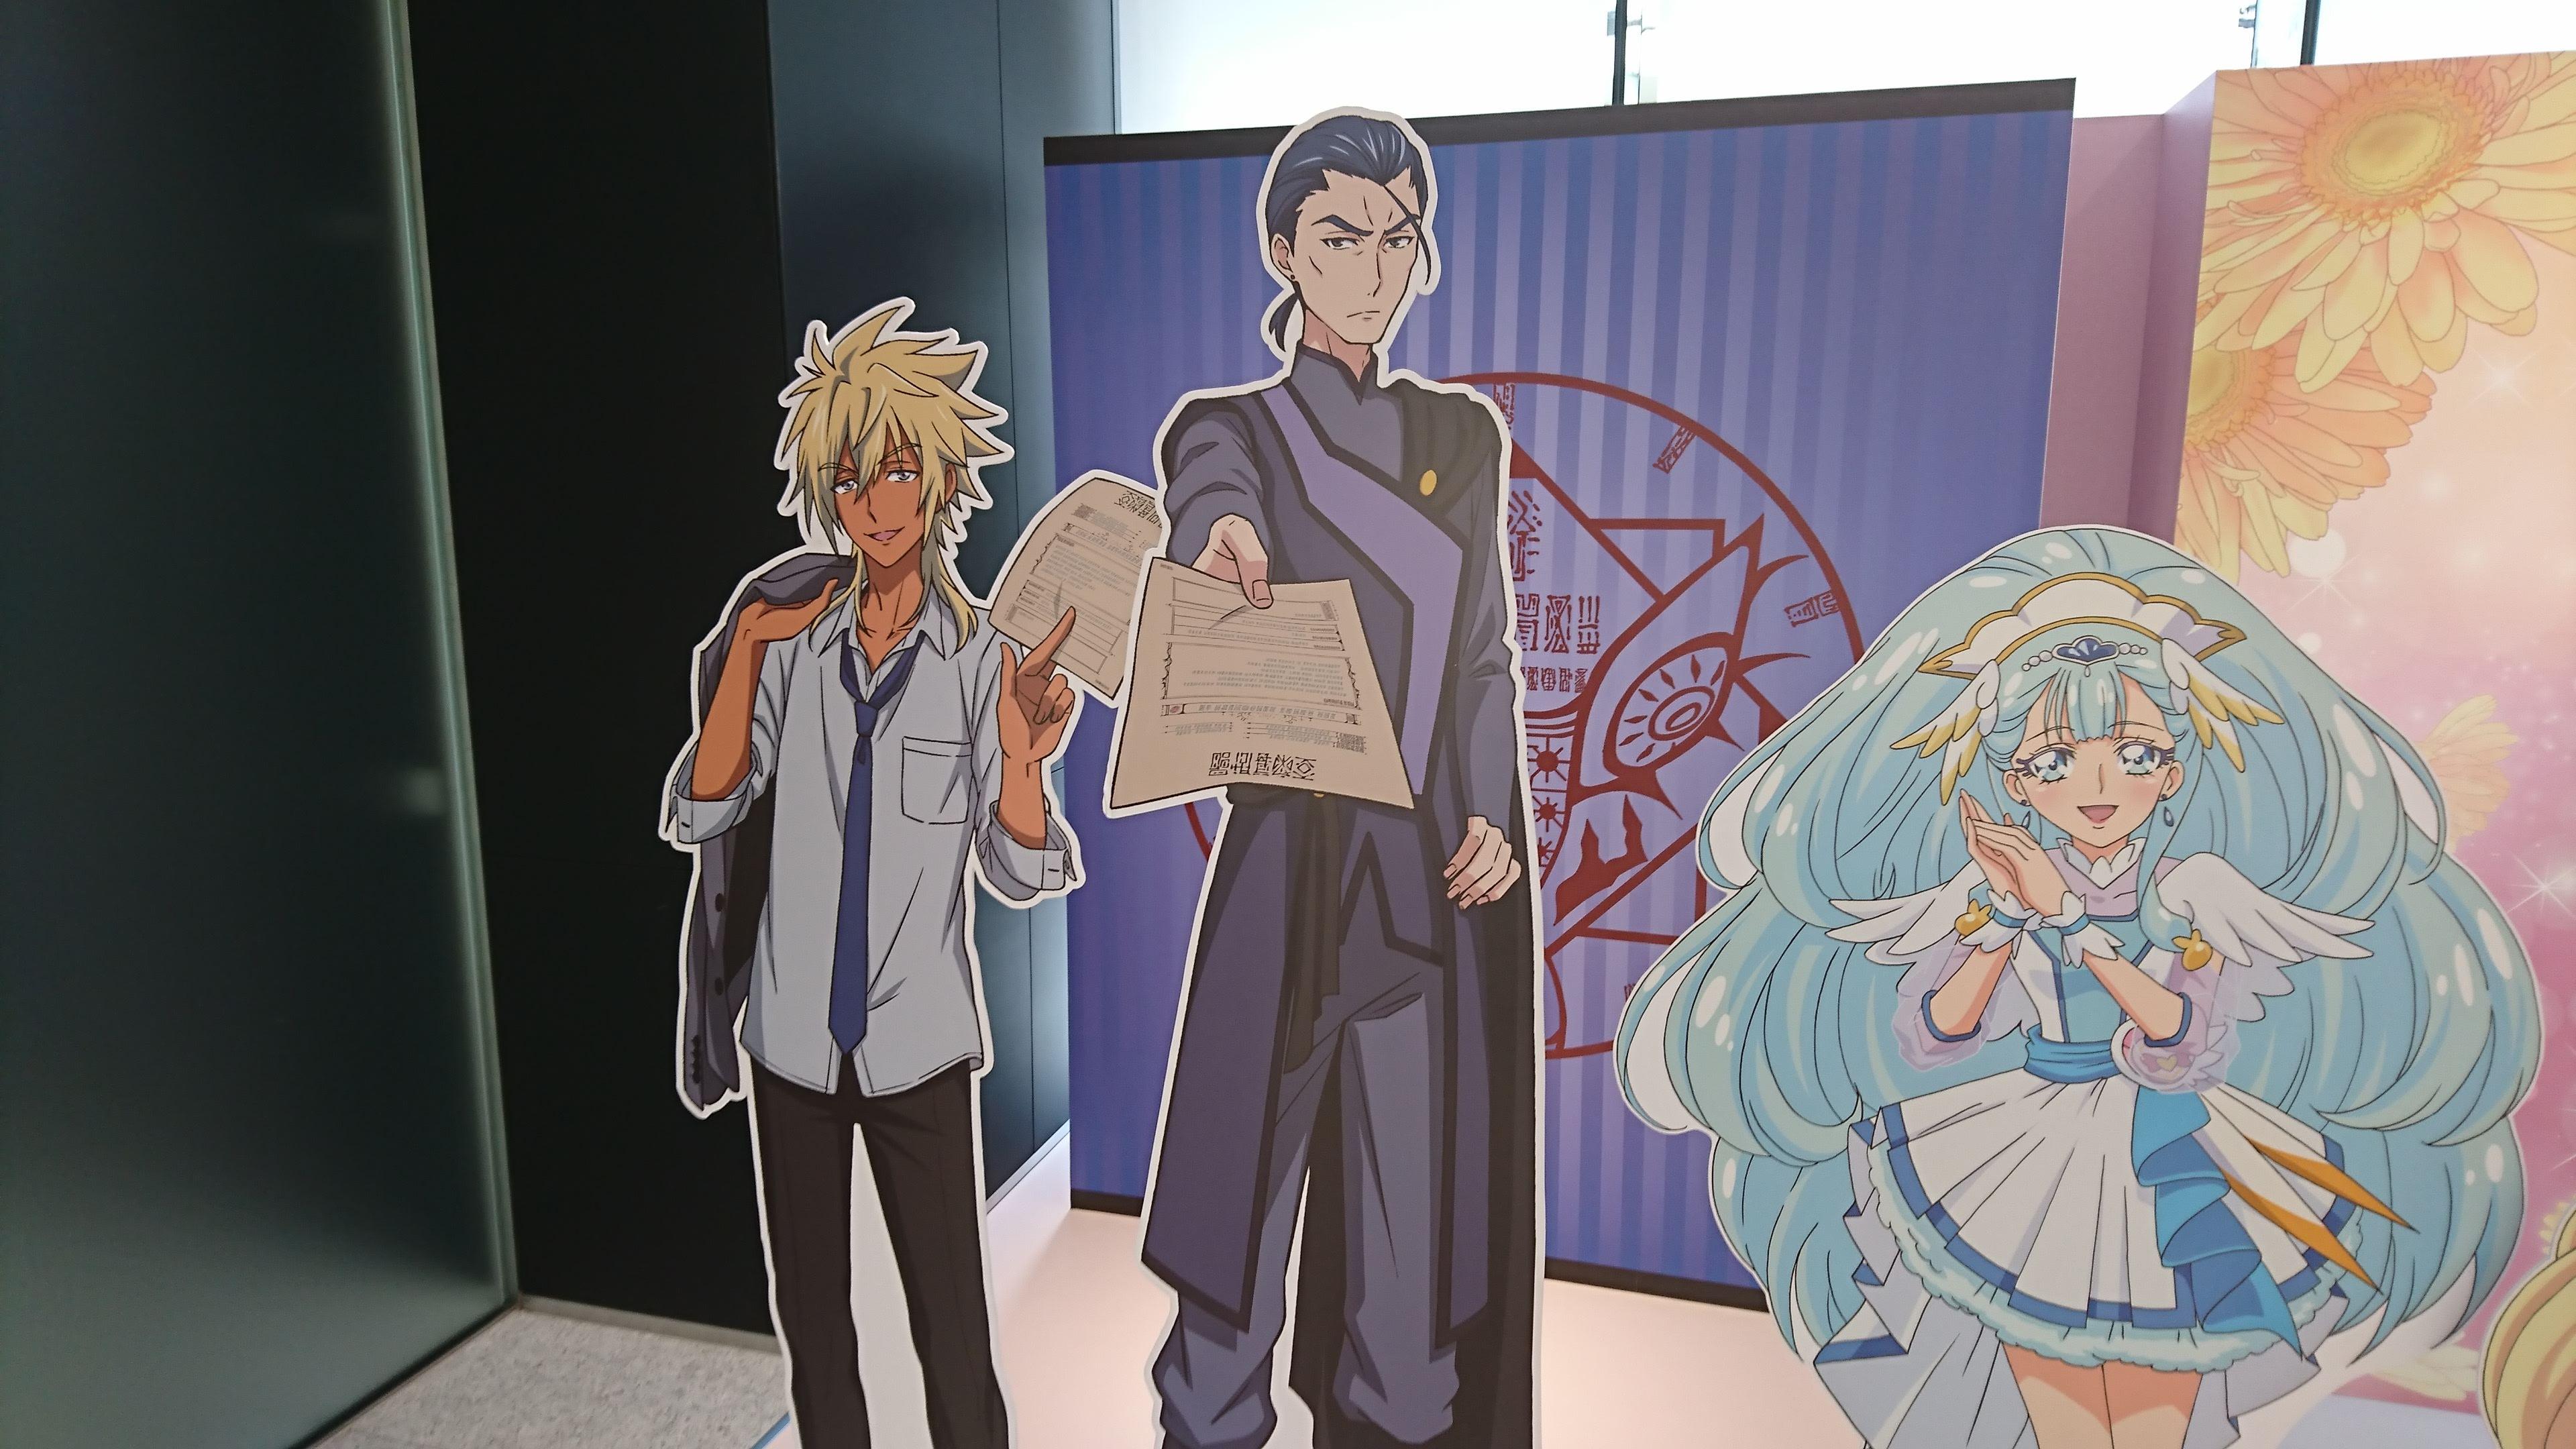 東映アニメーションミュージアム HUGっと!プリキュア敵パネル